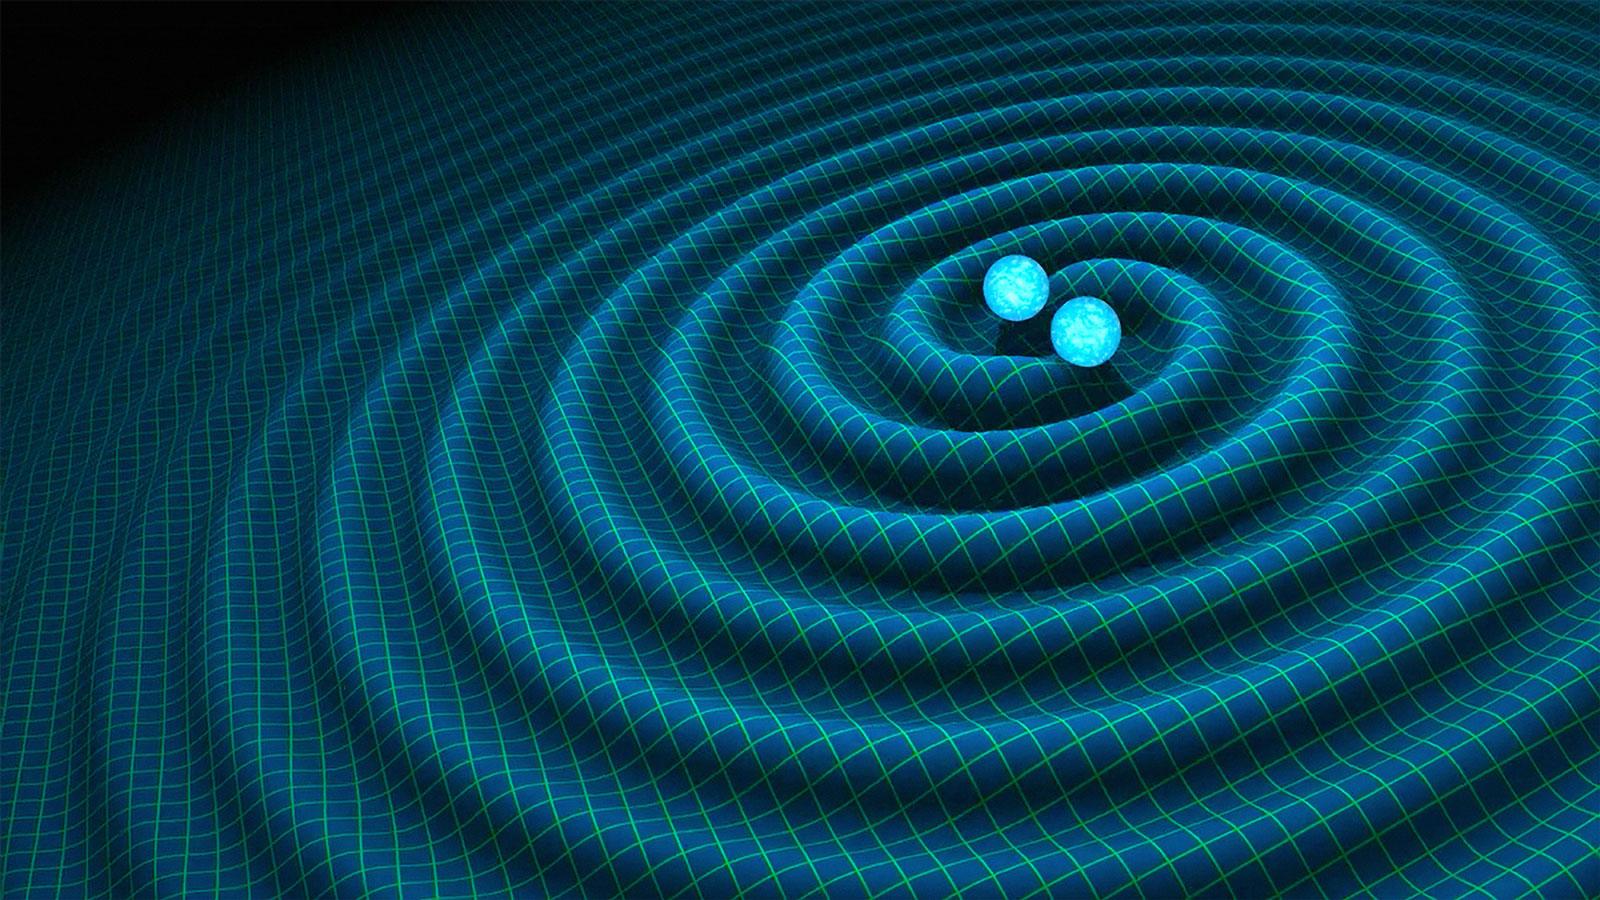 zwaartekrachtgolven